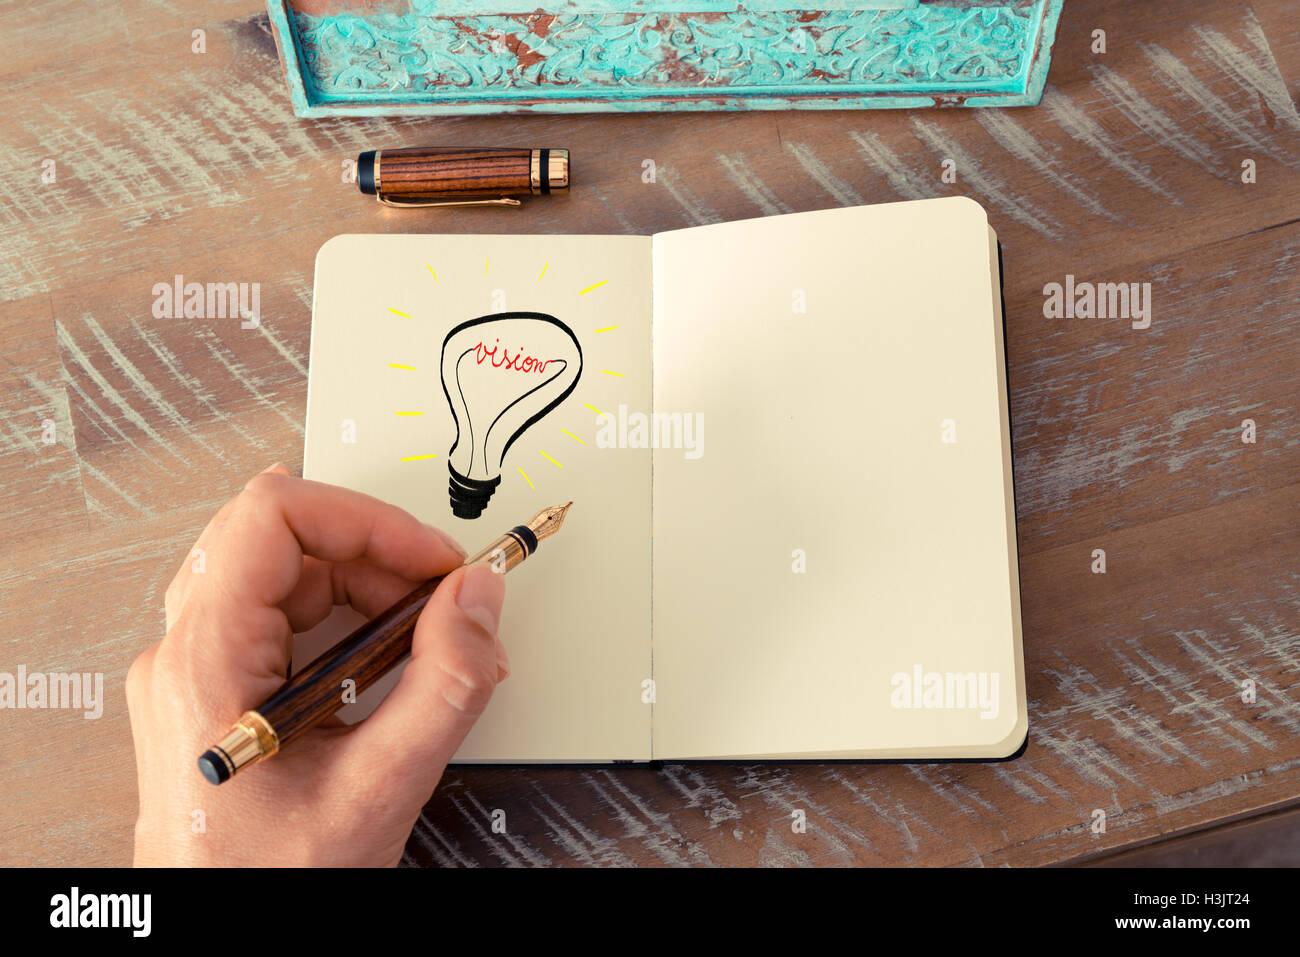 Effet rétro aux couleurs et image d'une femme dessinant une ampoule d'éclairage avec stylo plume Photo Stock